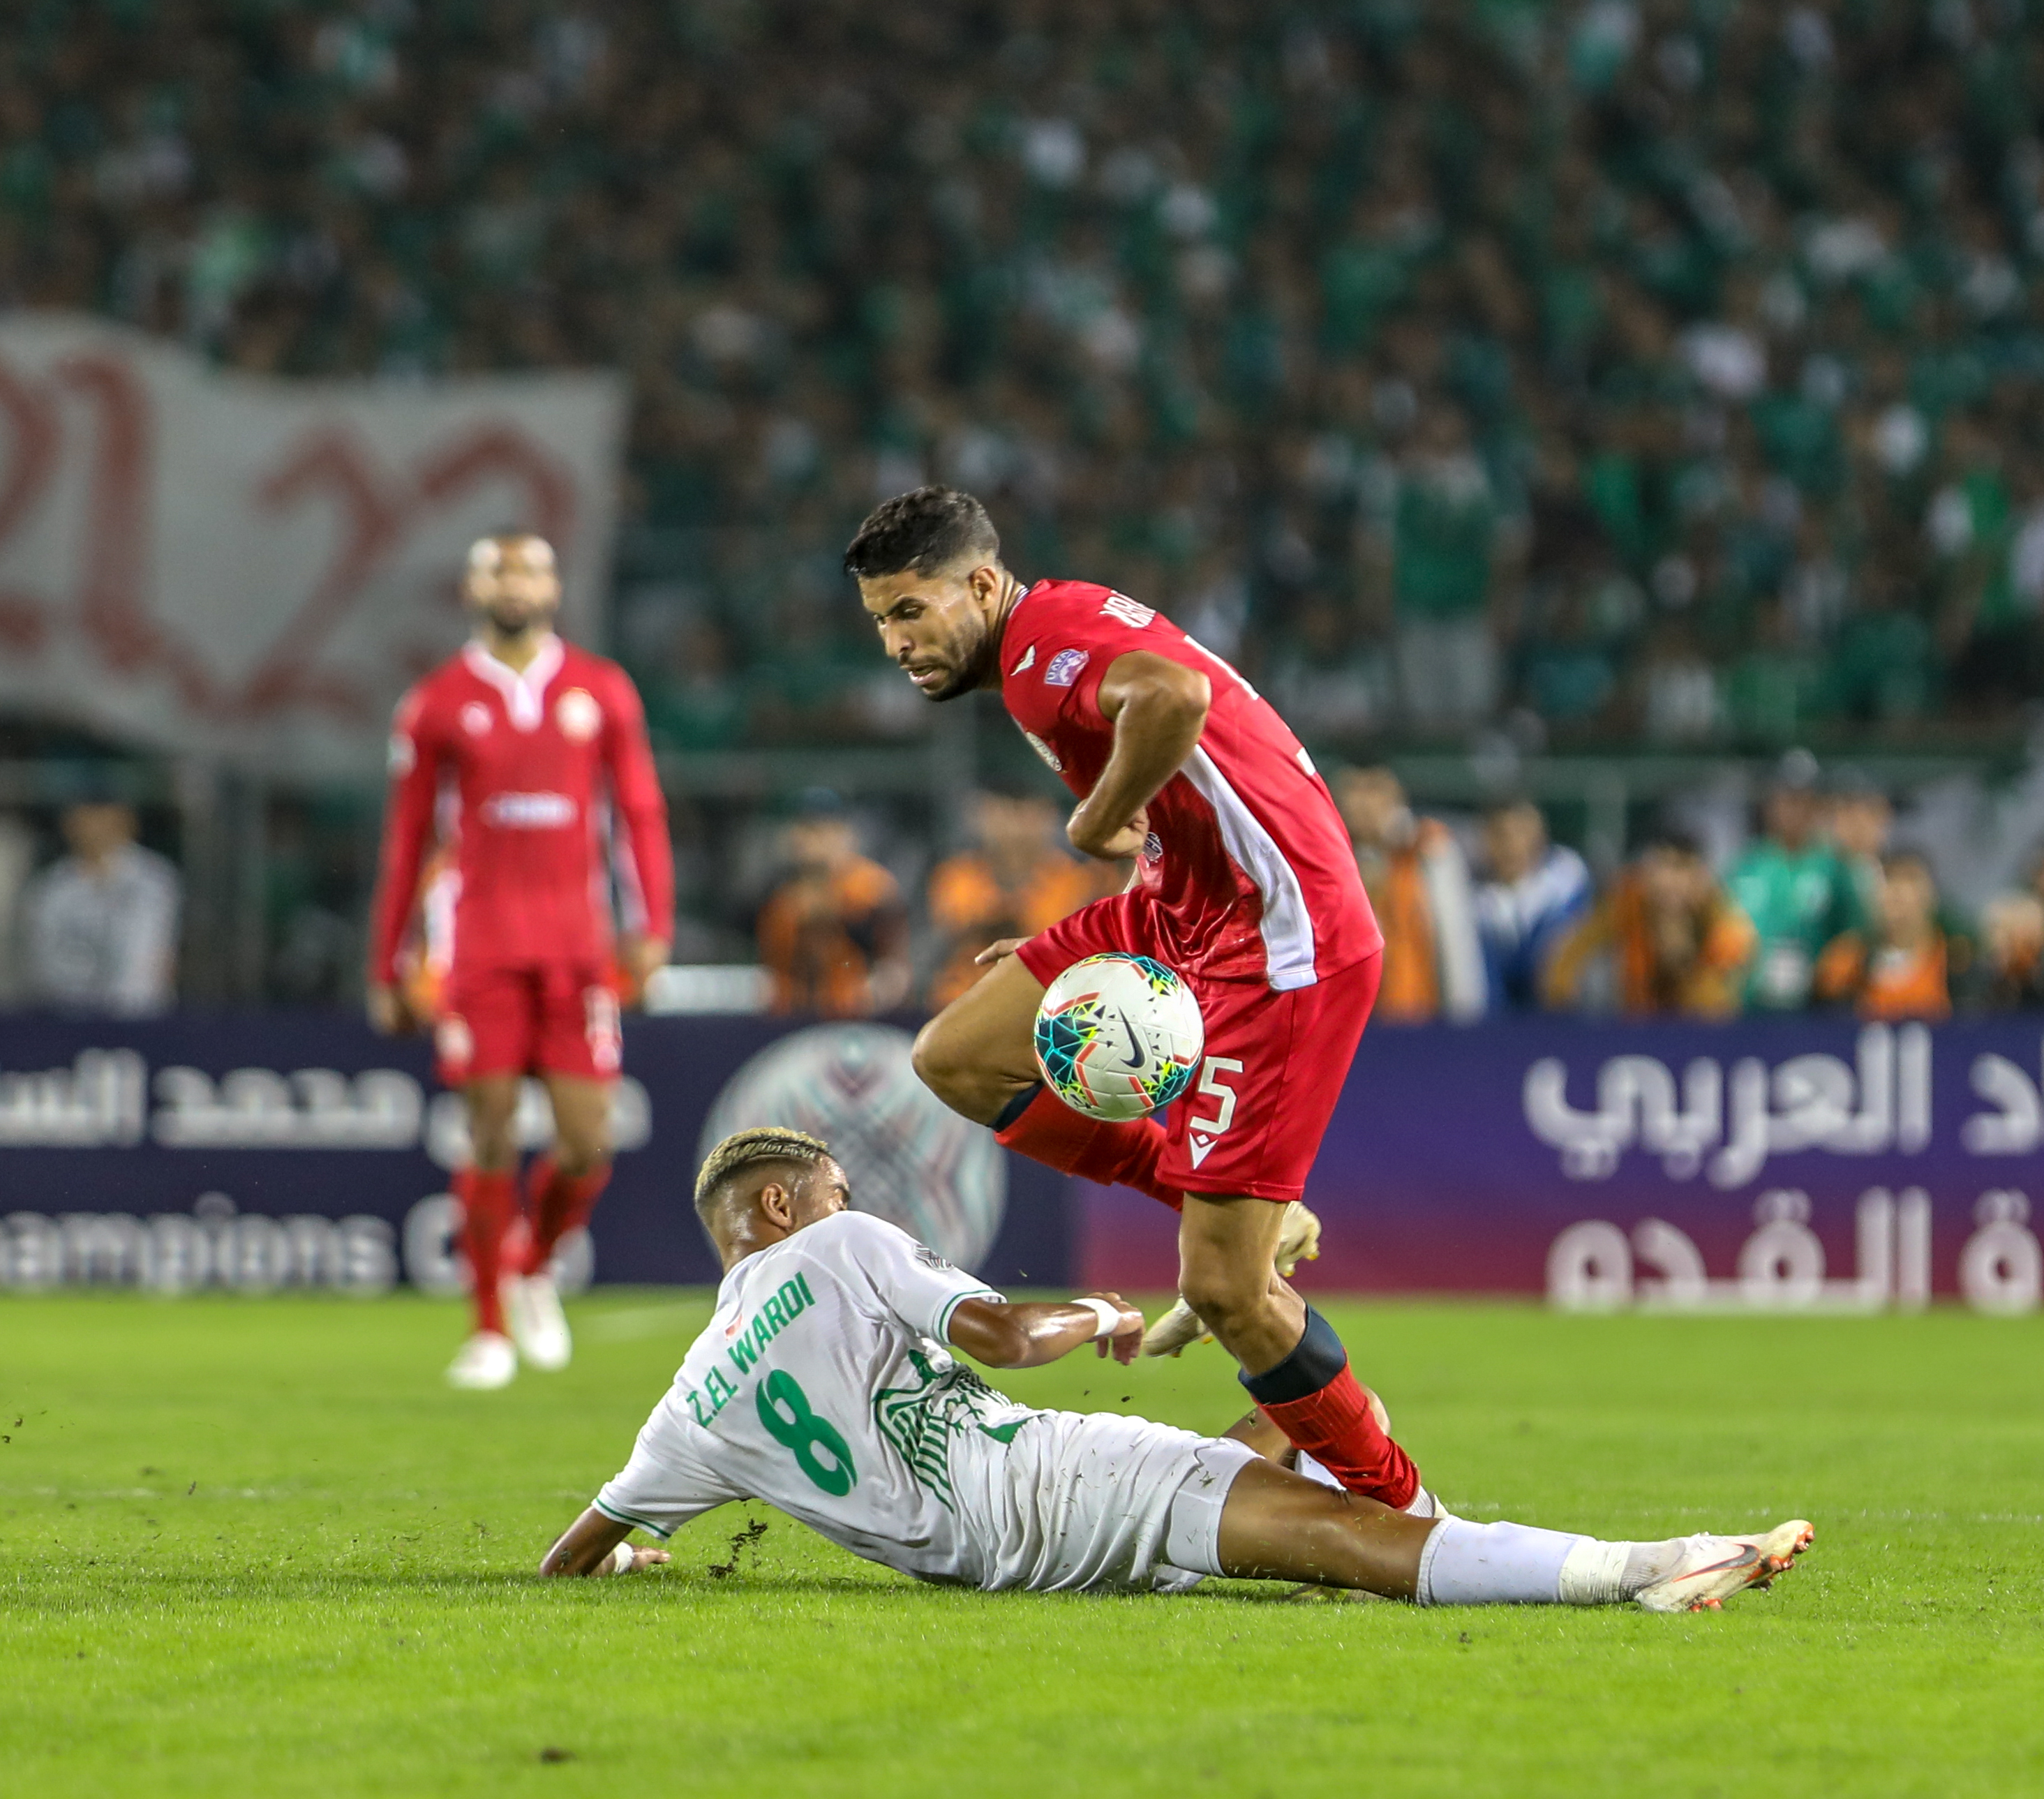 رسميا.. يحيى جبران موقوف ل 6 مباريات